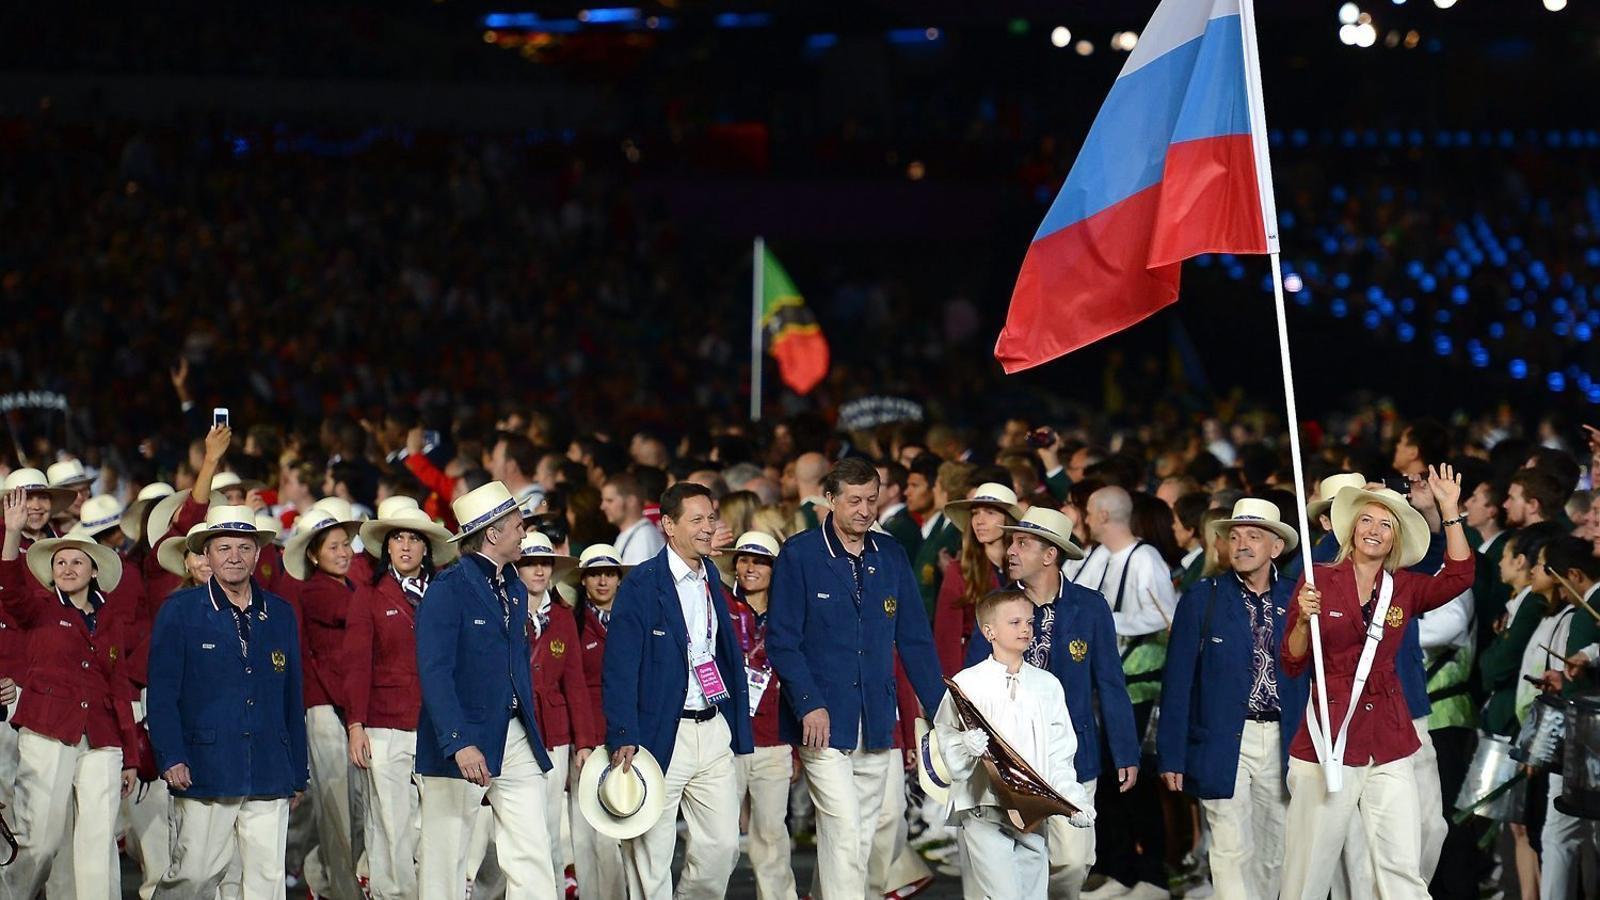 La possible exclusió de Rússia, una qüestió tant esportiva com política